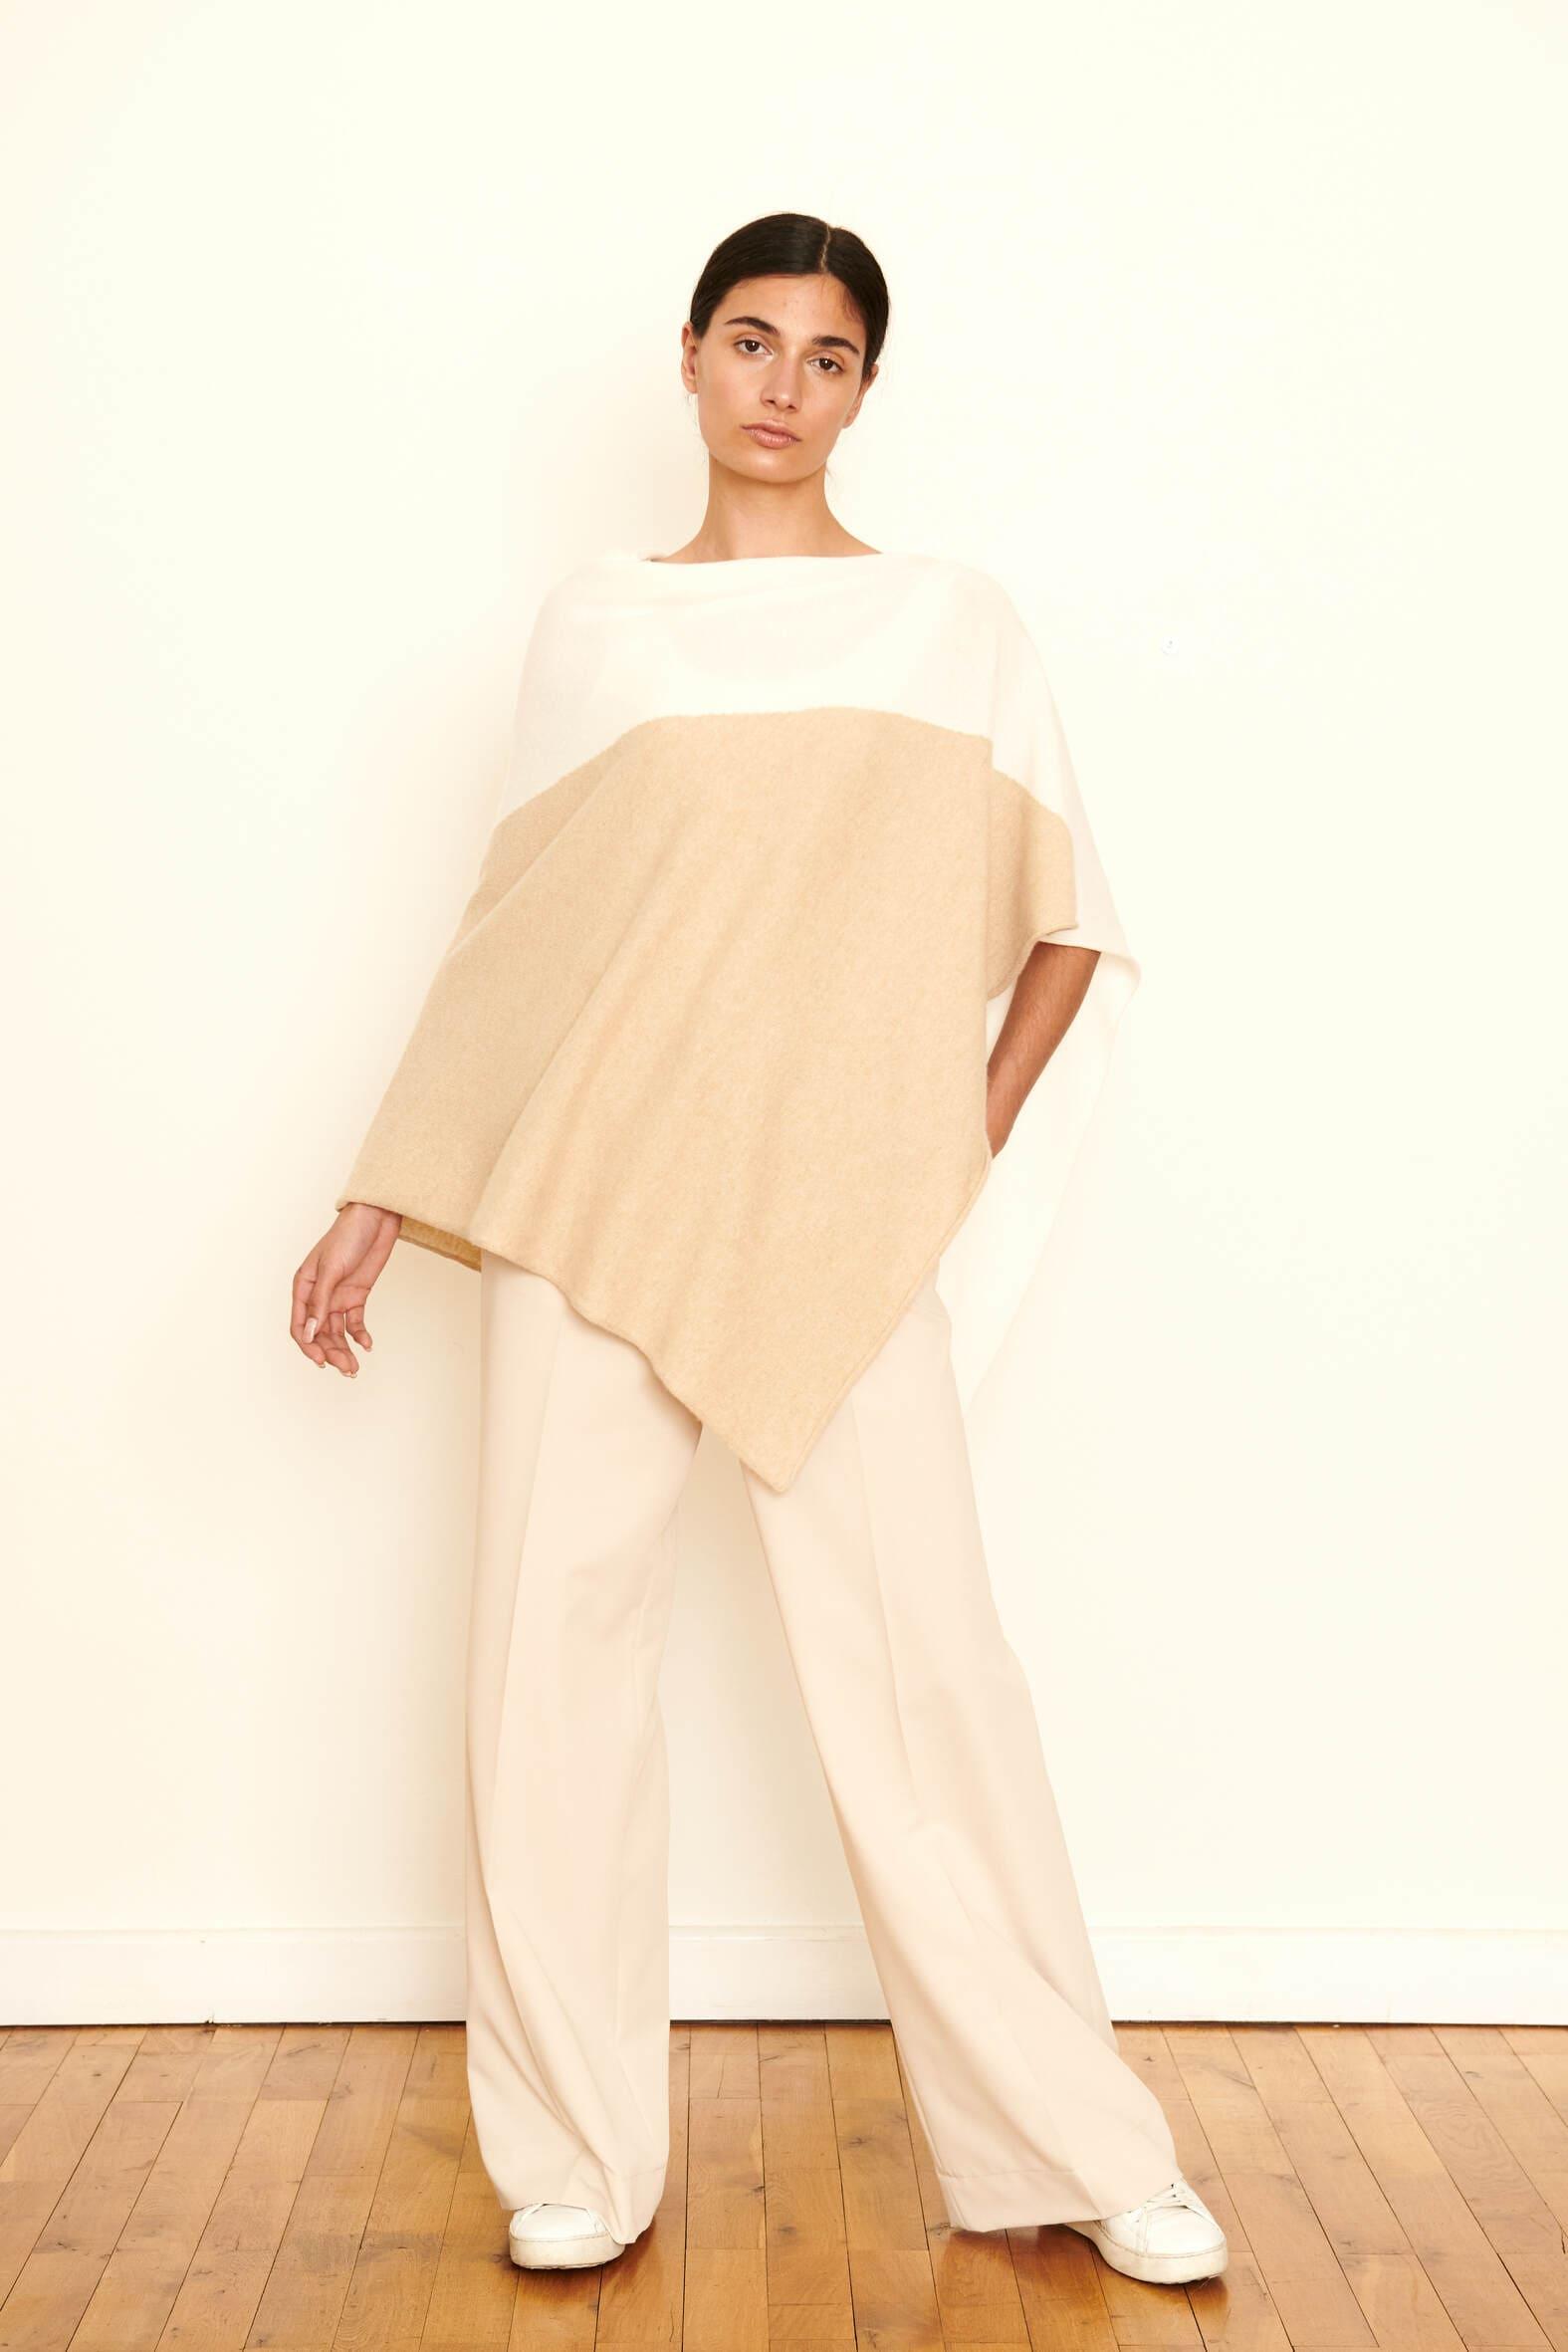 Ein unkomplizierter kuscheliger Begleiter, den Sie über allem tragen können. Material : 100% Cashmere gewaschen. Onesize.